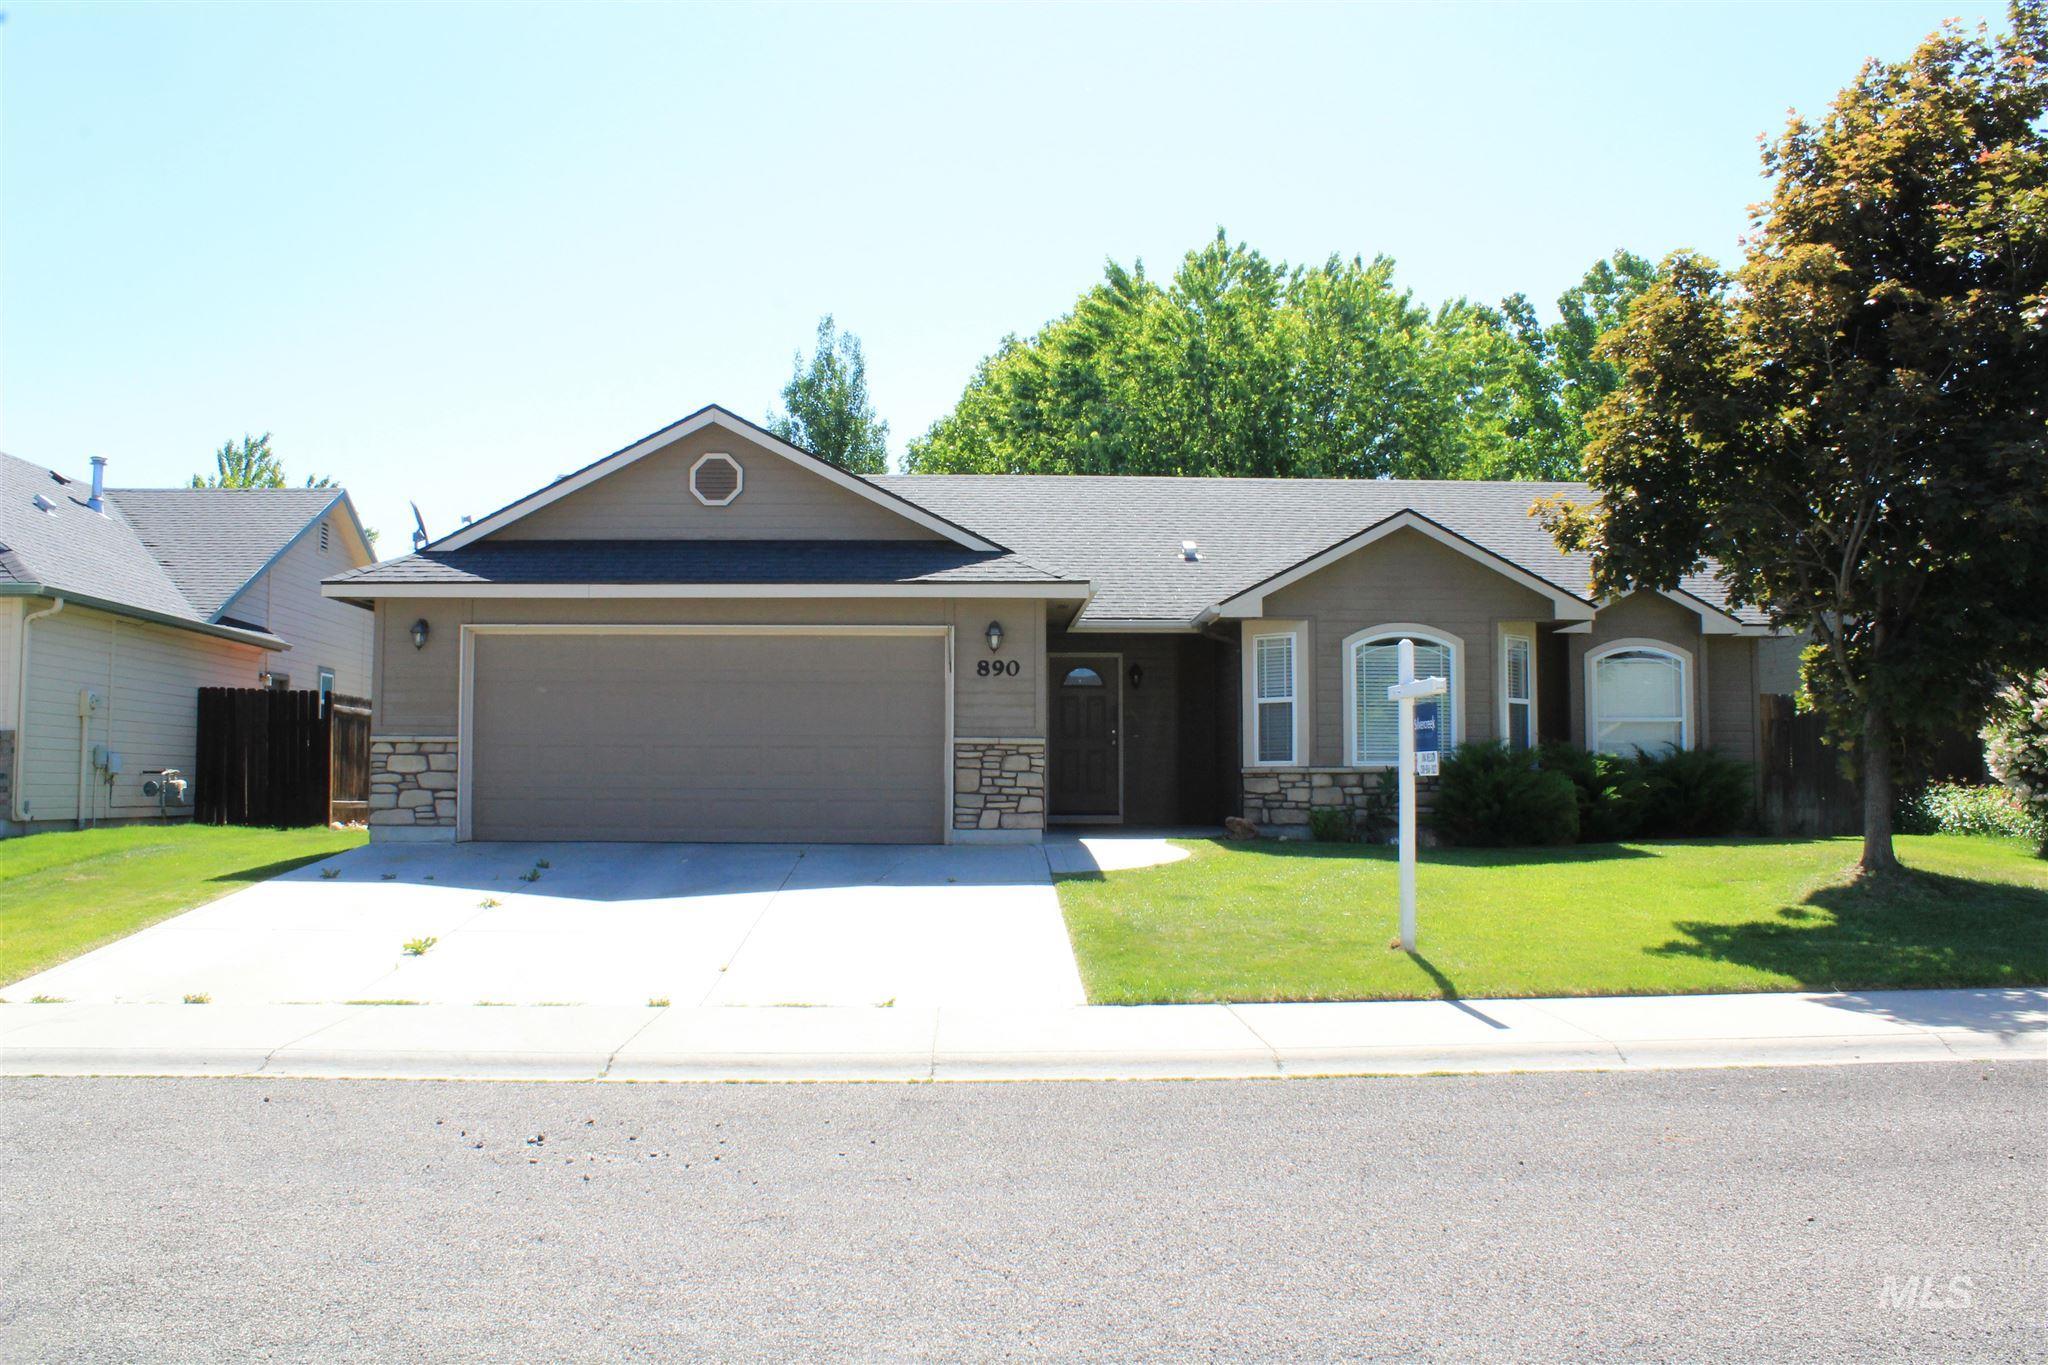 890 S Sockeye Way Property Photo